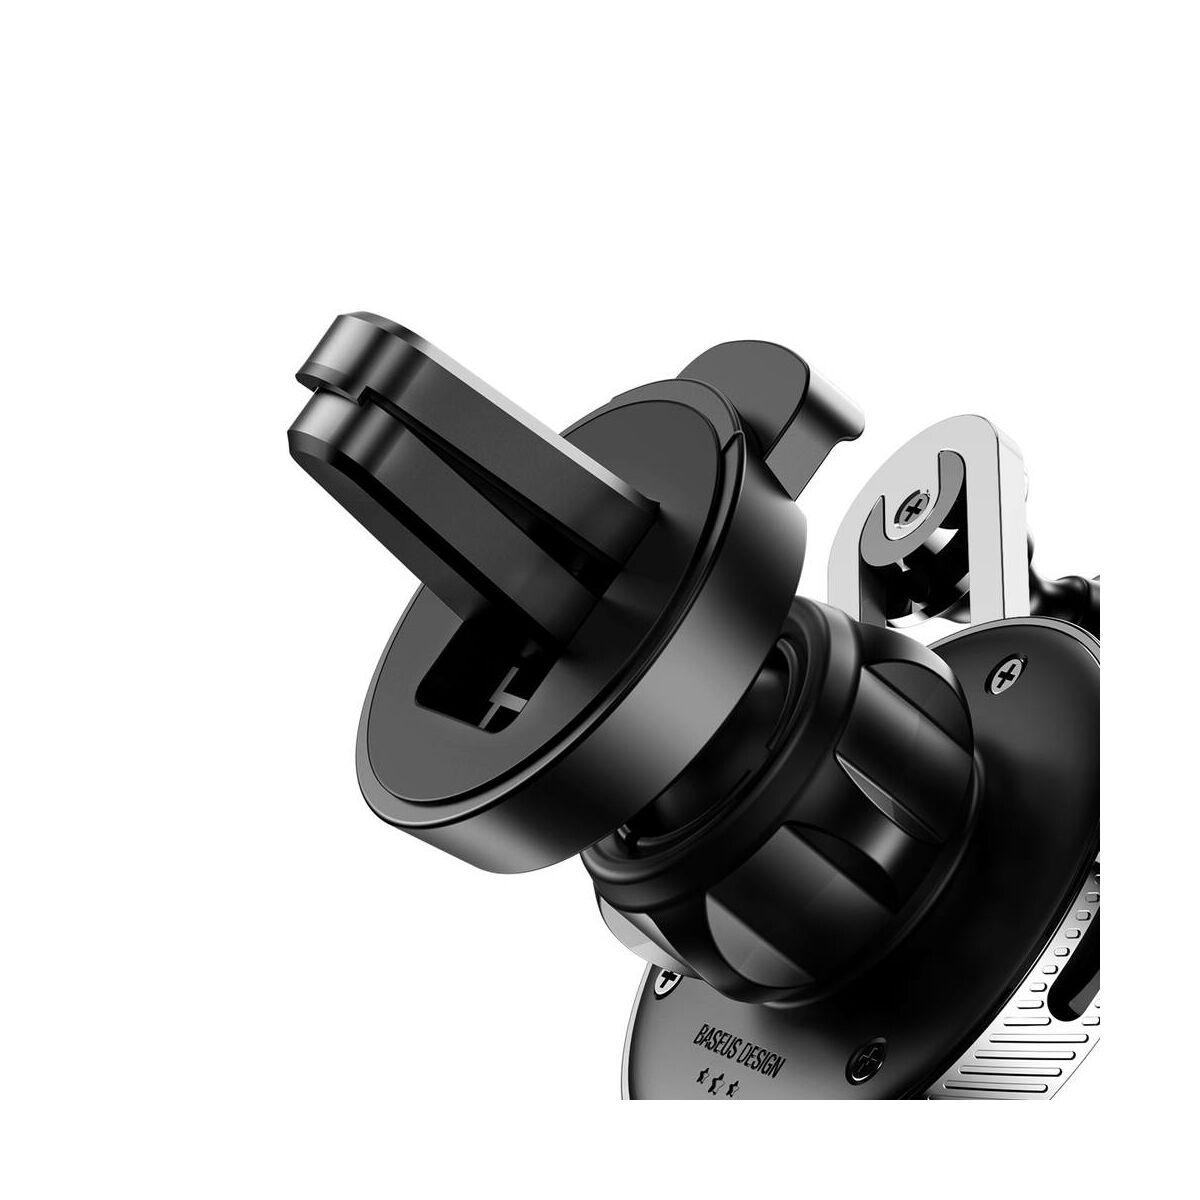 Baseus autós telefon tartó, YY alakú töltő kábellel (Lightning), ezüst (SULYY-0S)